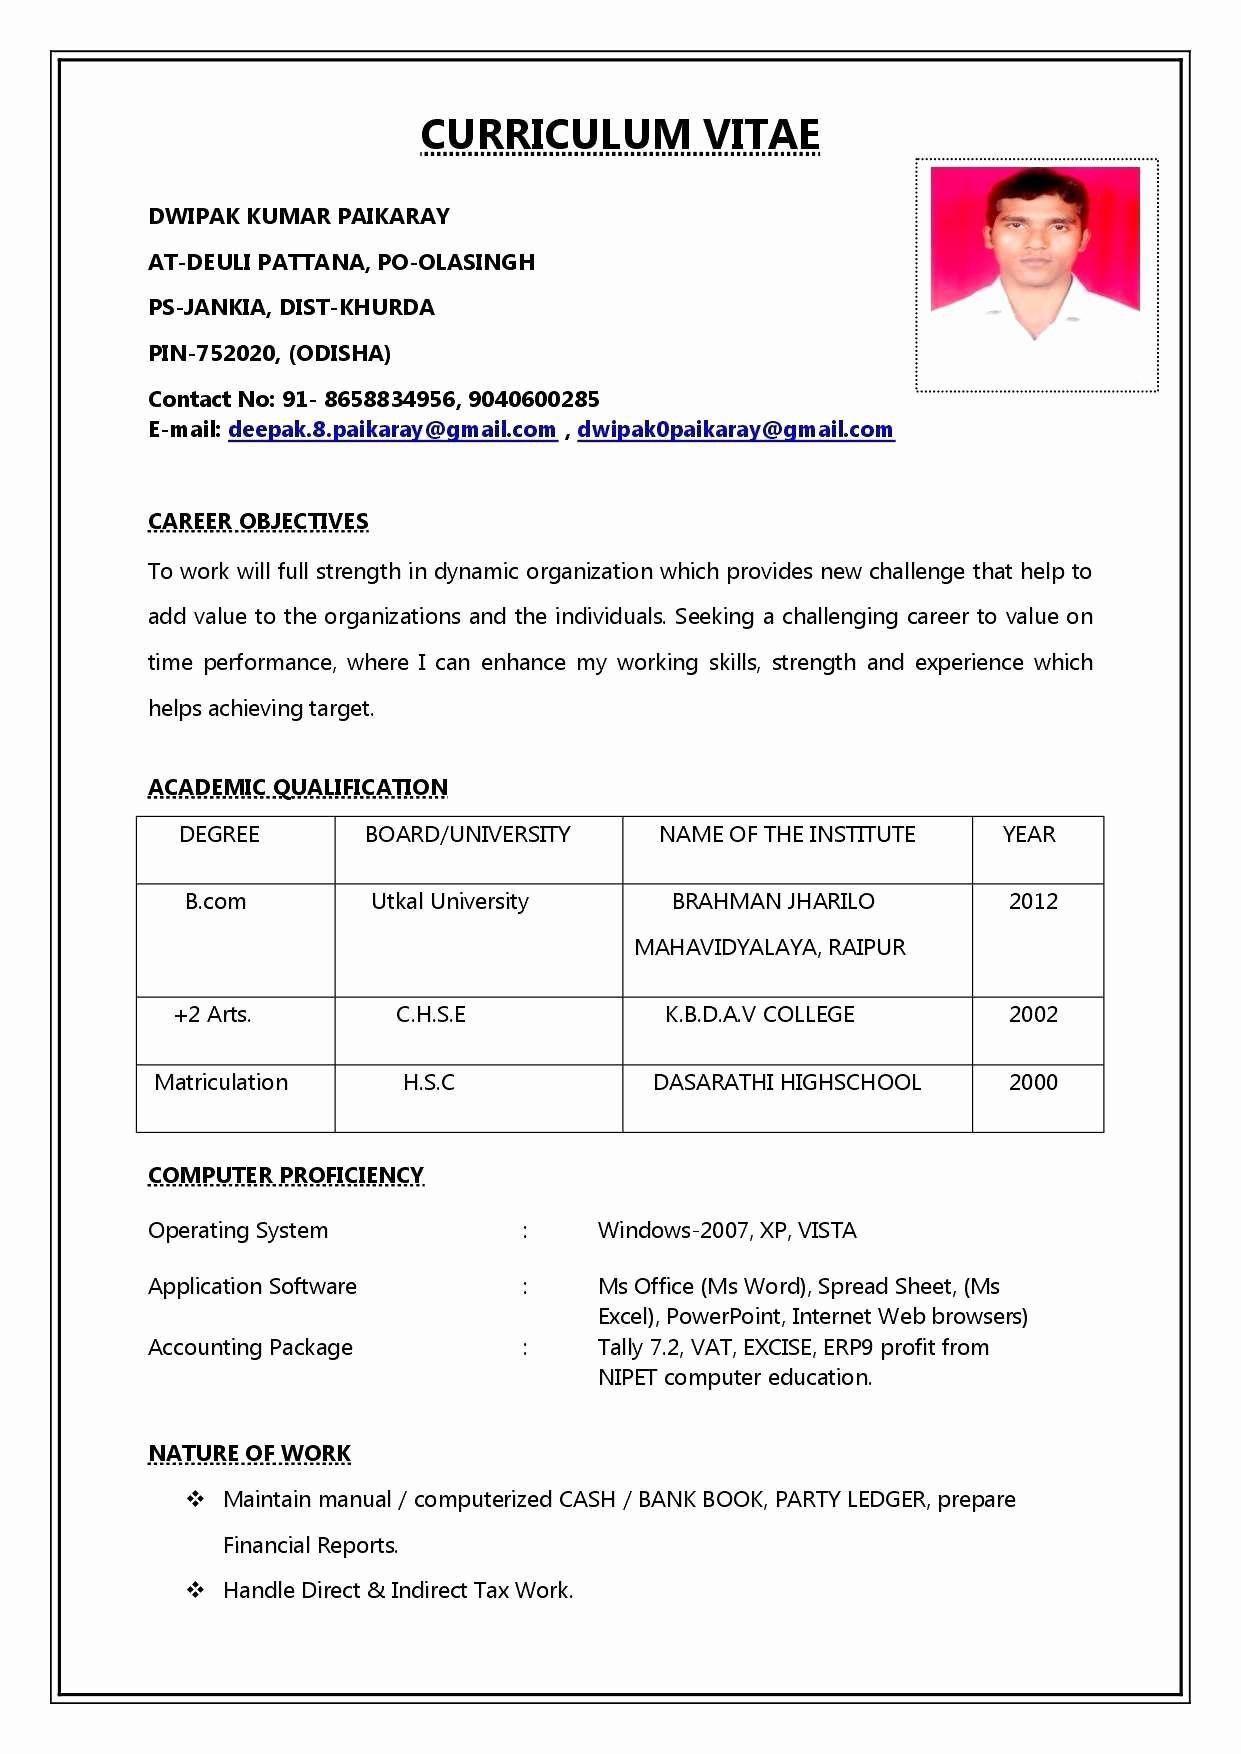 Resume Sites New Lovely Top Resume Sites Resume Design Fresh Resume Sample In 2020 Job Resume Format Job Resume Sample Resume Format